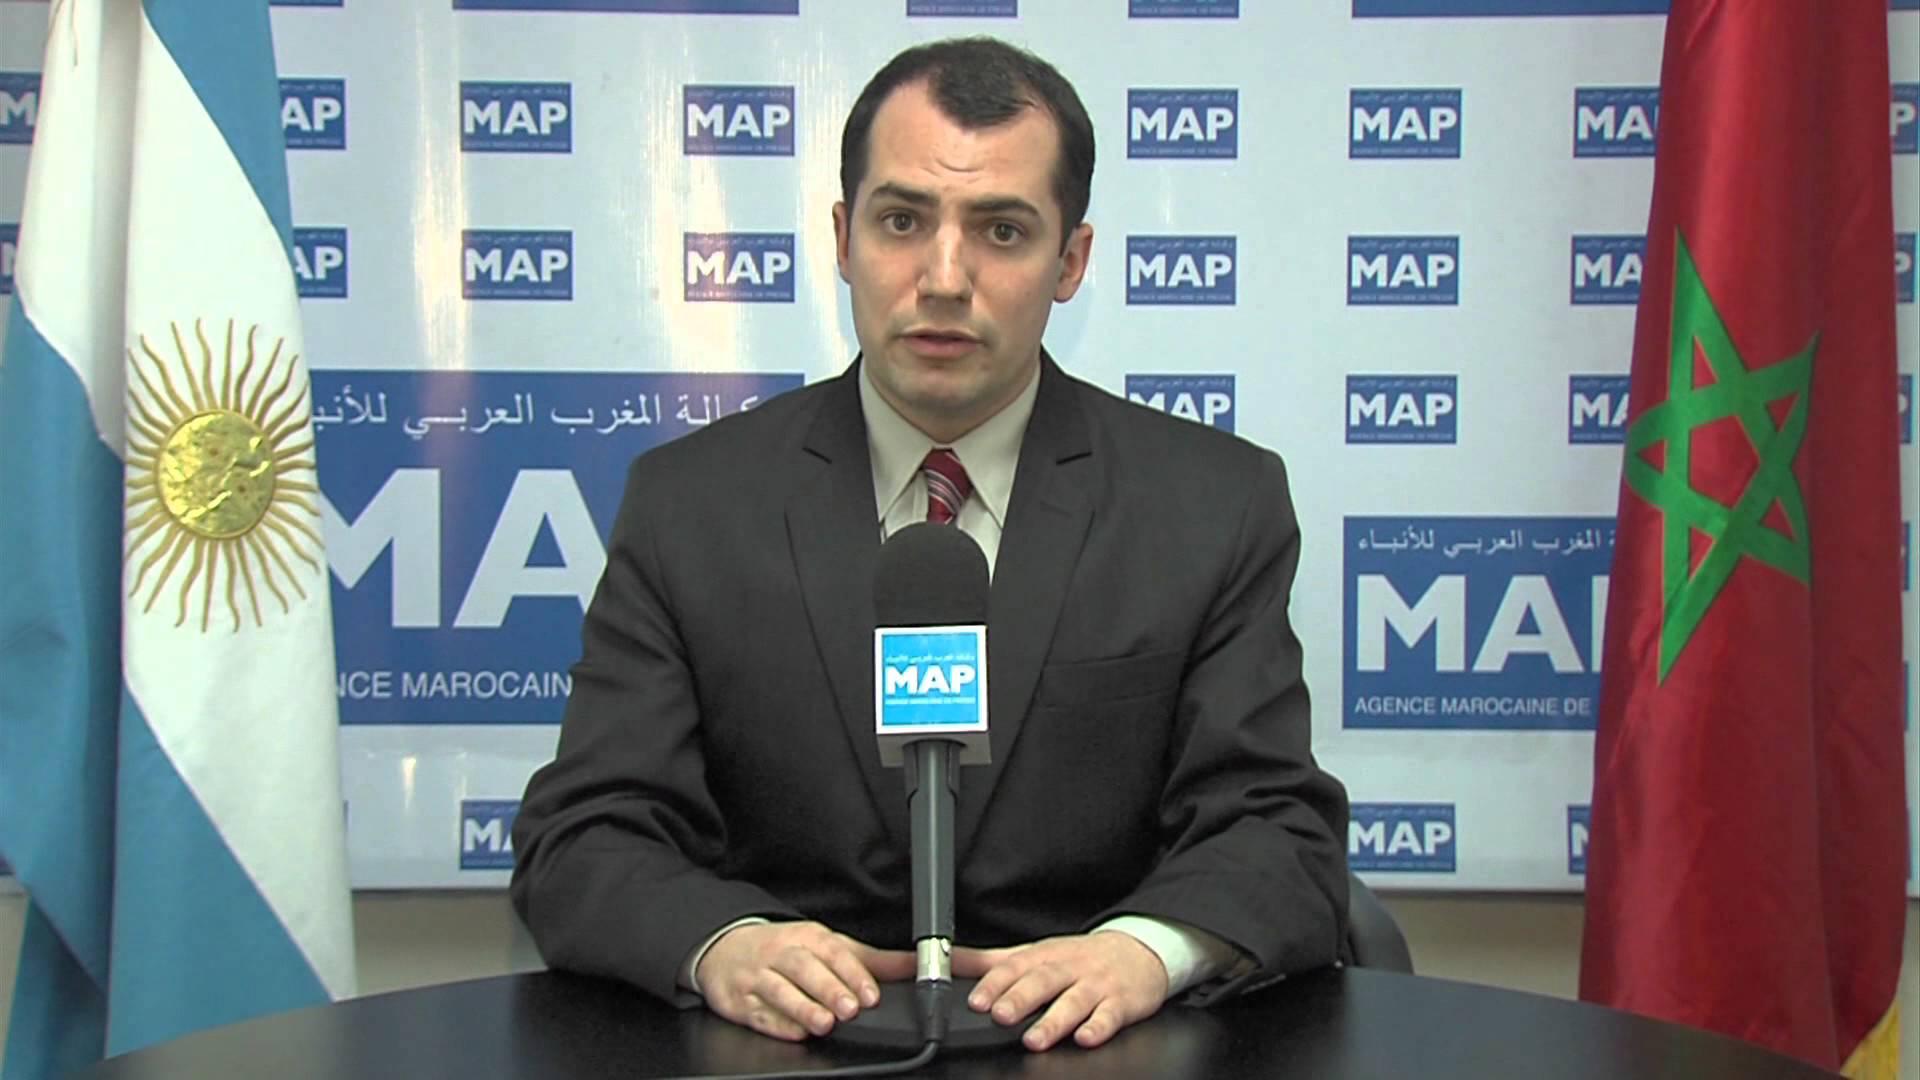 إعلامي أرجنتيني: انتخابات 4 سبتمبر دليل  على قدرة المغرب على تنظيم استحقاقات ديمقراطية